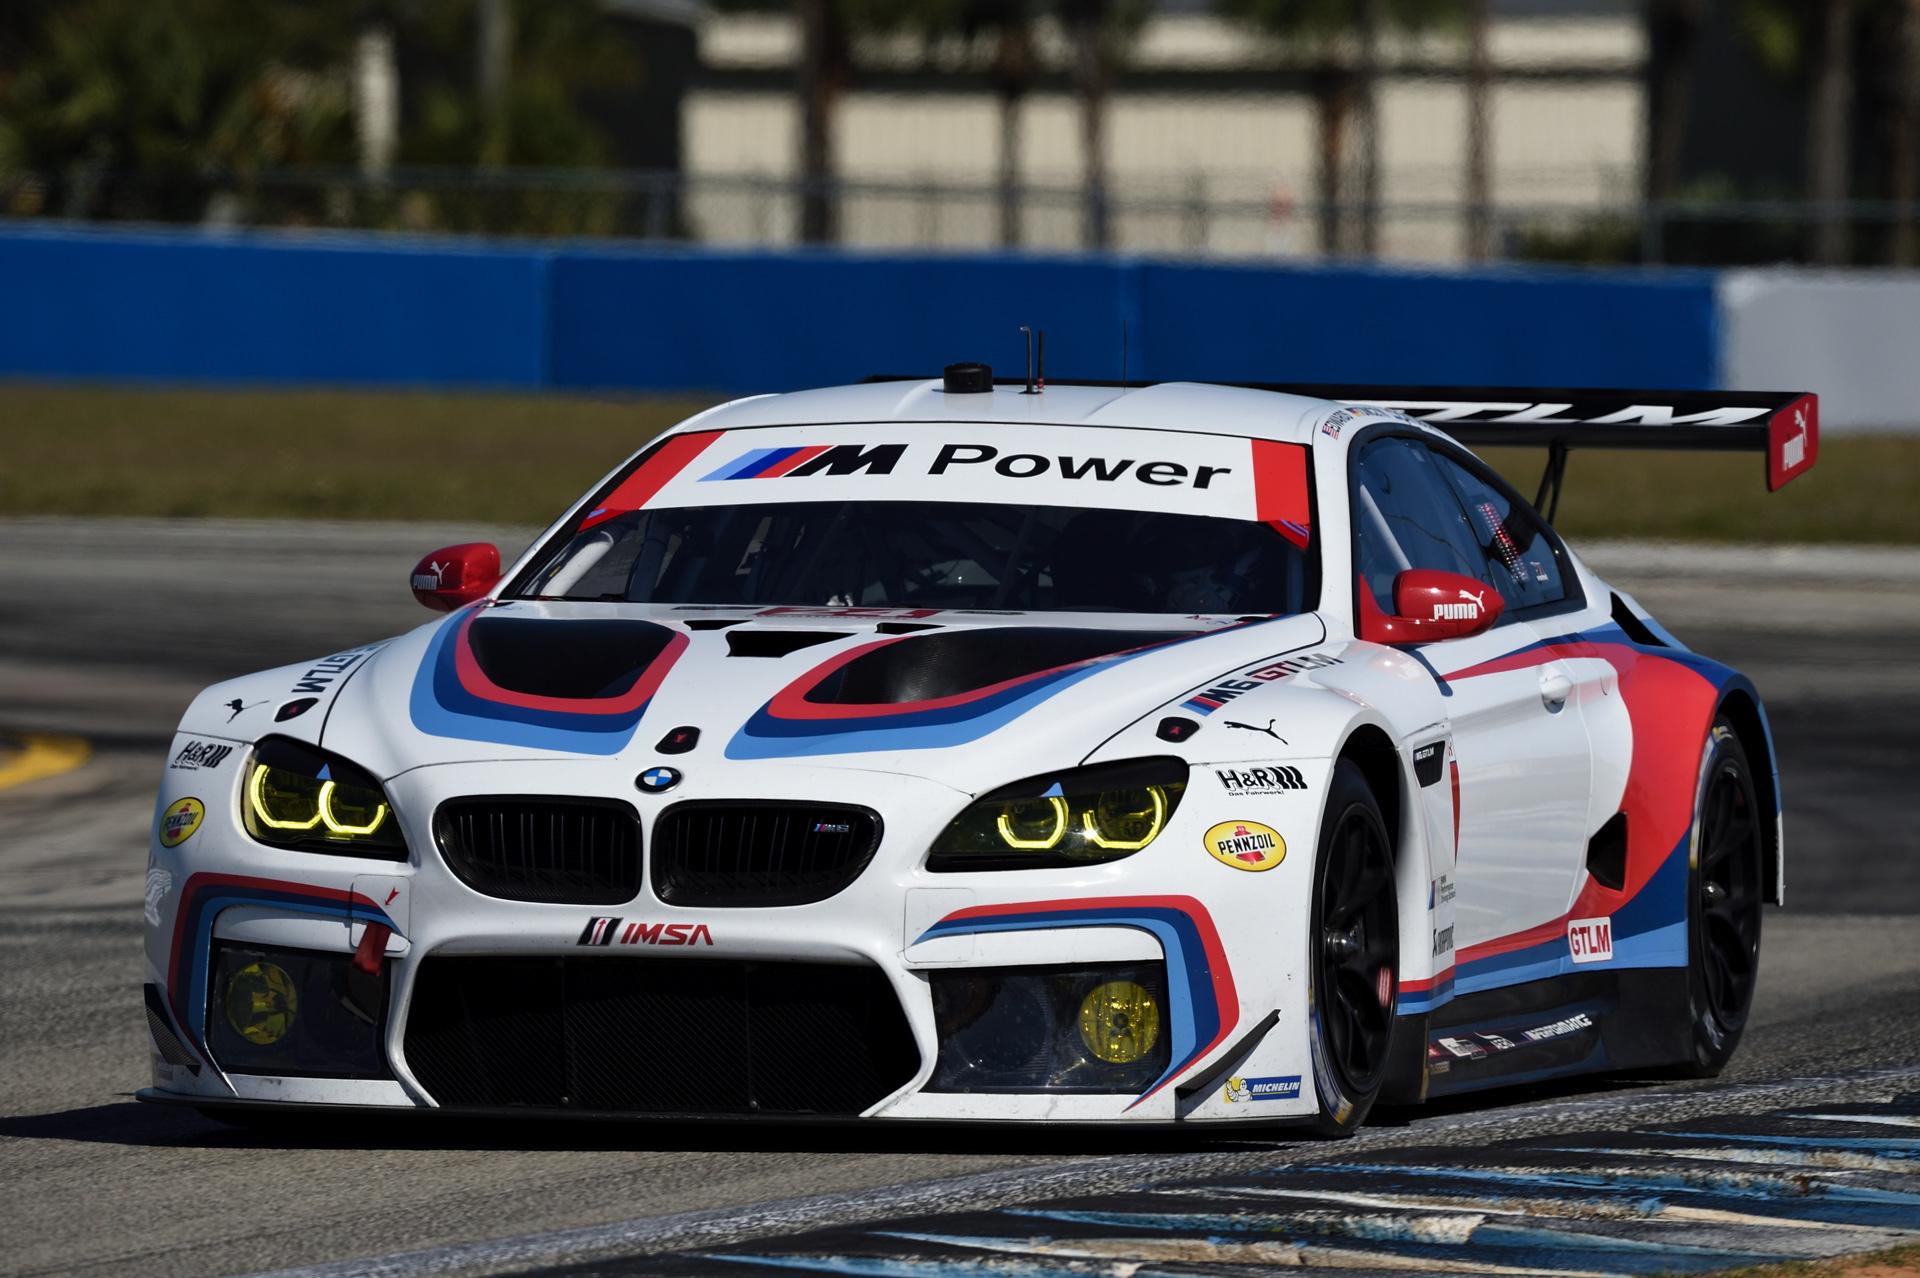 BMW Sebring 2017 01